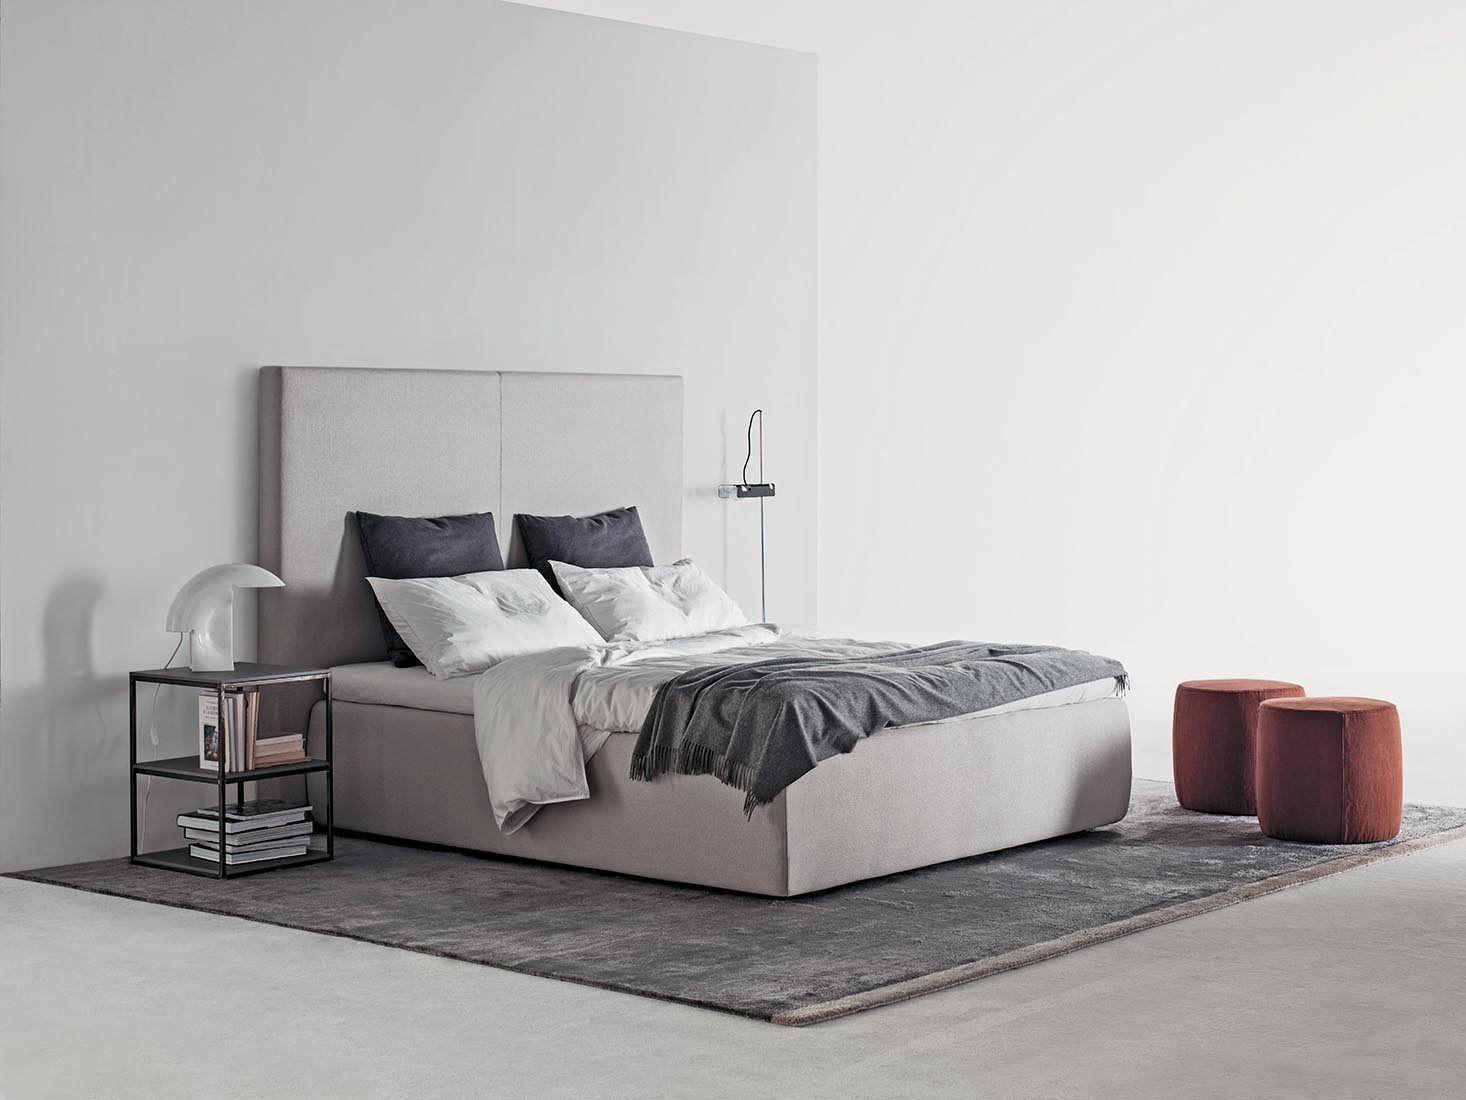 Designermöbel im von Bett ideen, Bett und